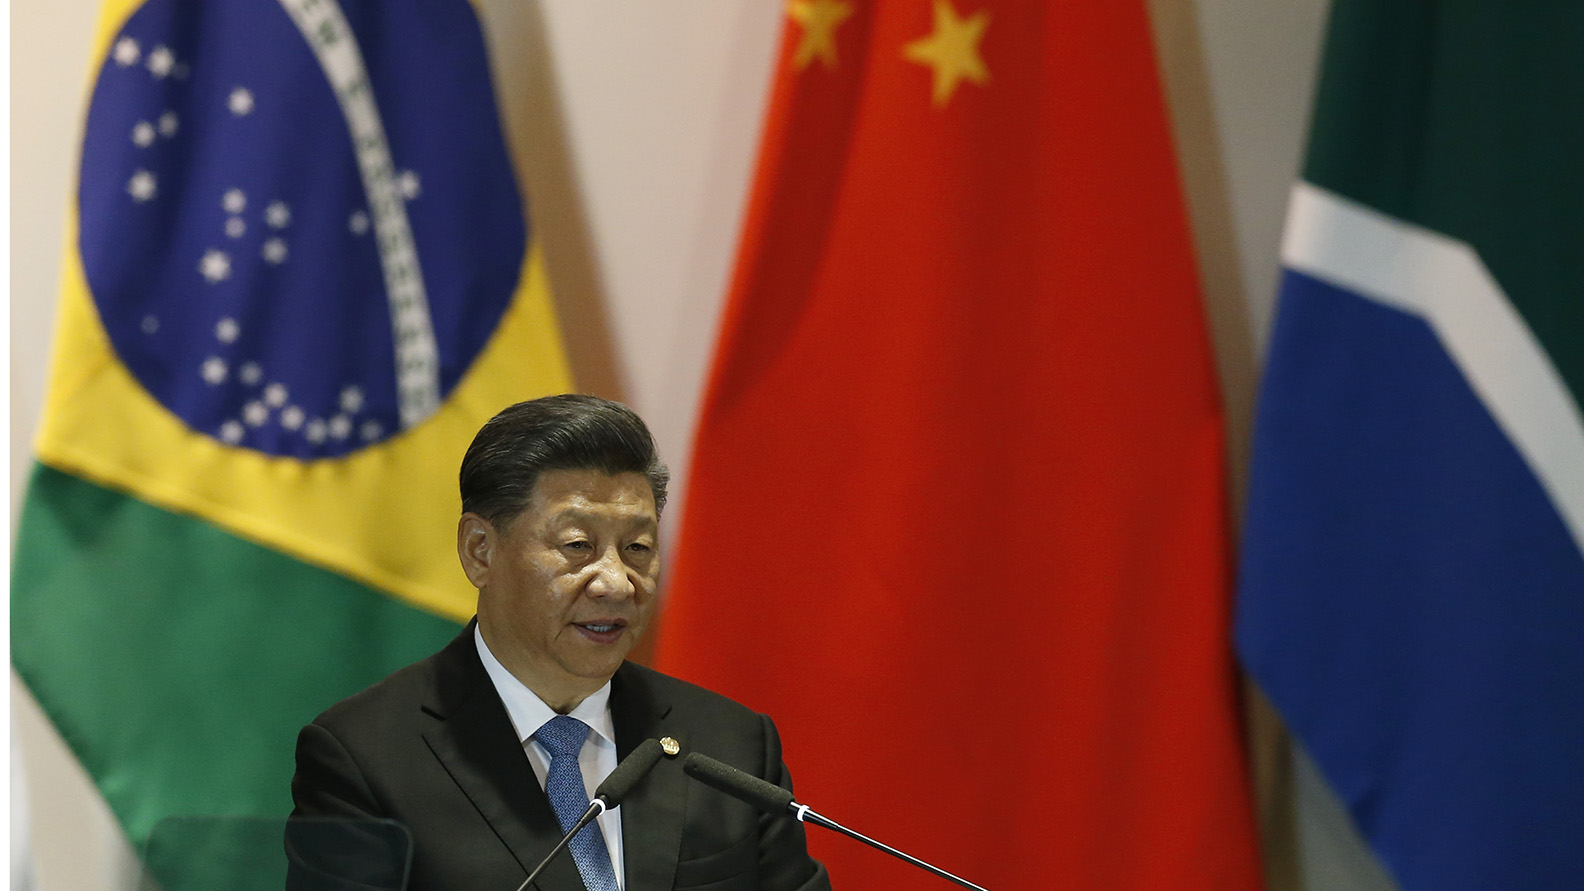 中国国家主席习近平2019年11月14日在巴西对香港局势强硬表态。(美联社)